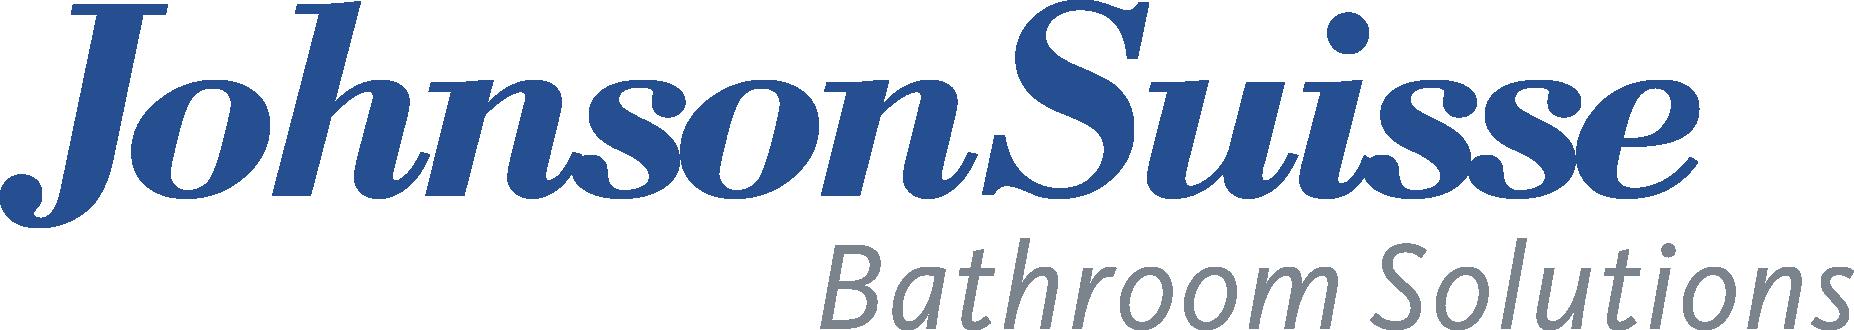 JS-Updated-Logo-Outline